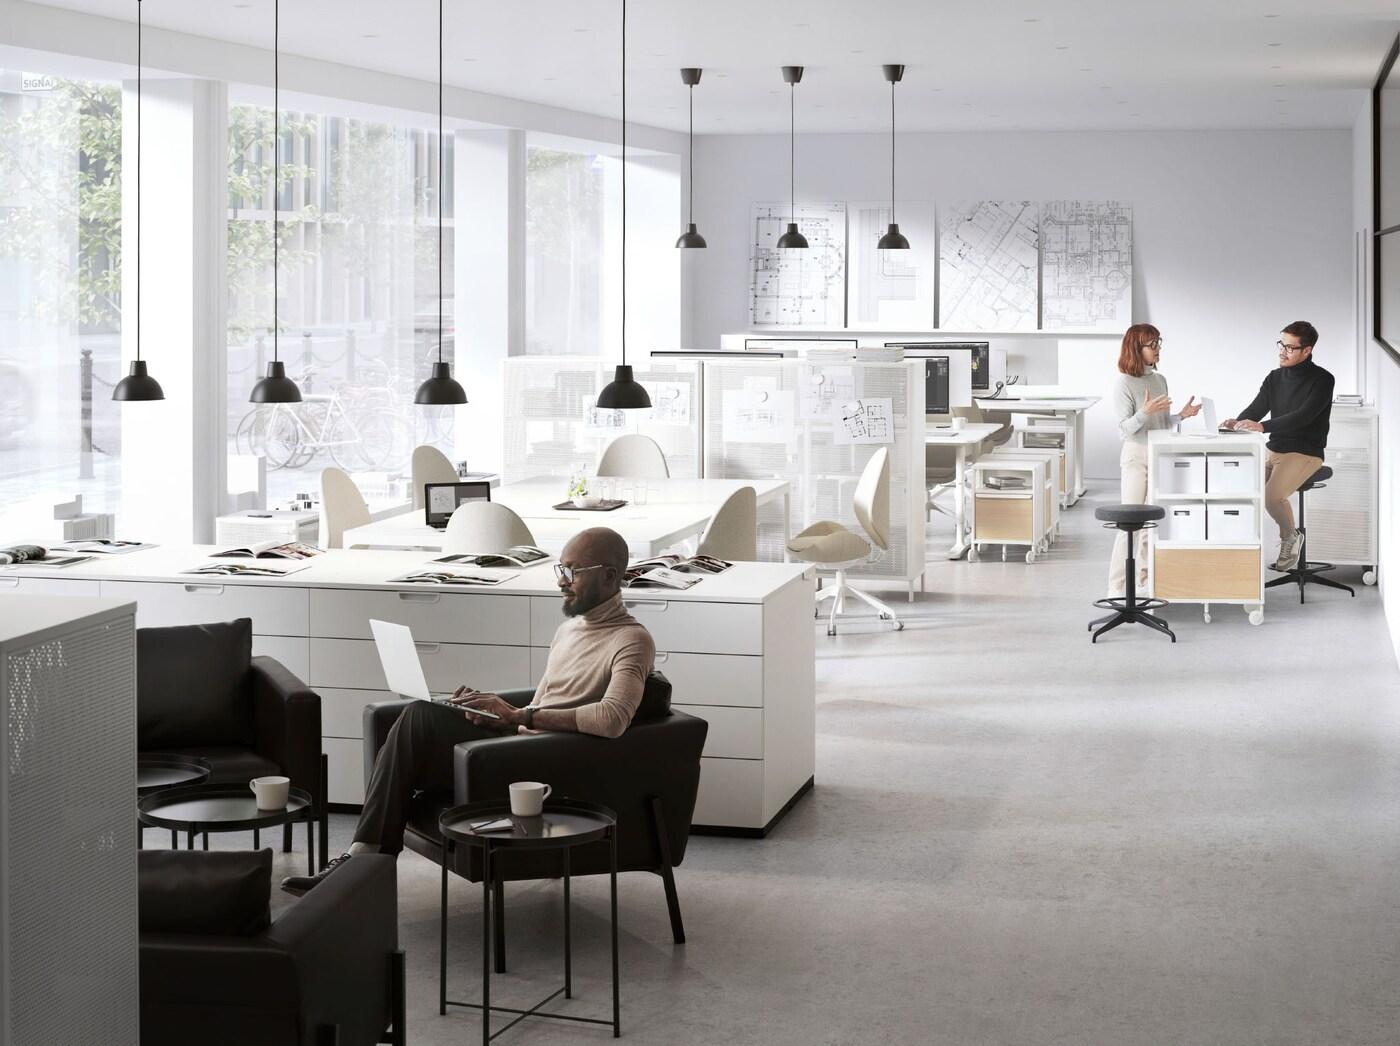 مكتب بتخطيط مفتوح مع مساحتين للاستراحة. رجل يعمل فيكرسي بذراعينKOARP وشخصان يتبادلان الحديث علىوحدة رفوفBEKANT.